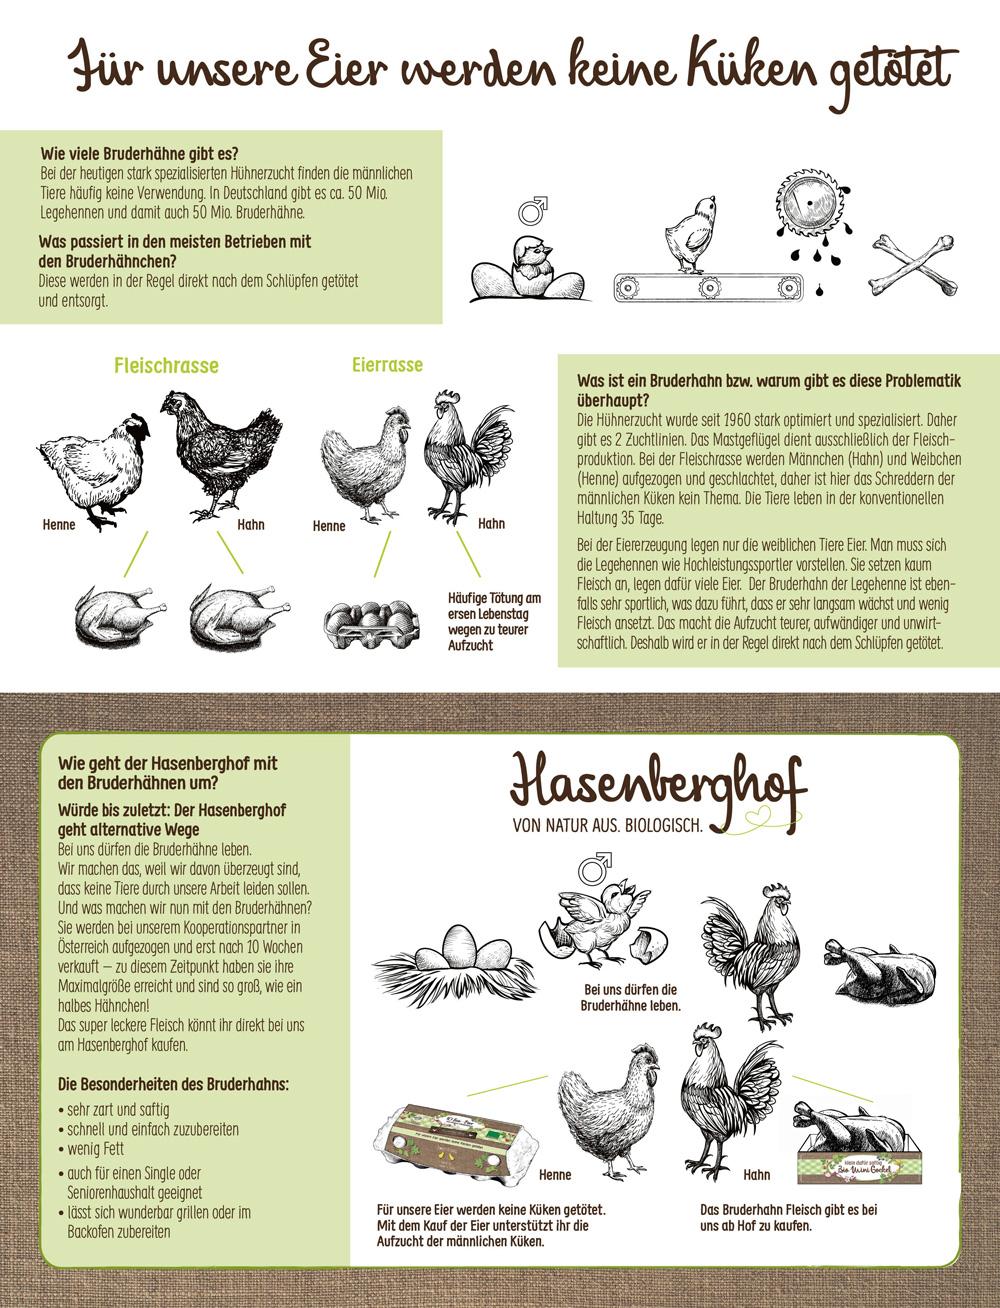 Hasenberghof Bruderhahn Info